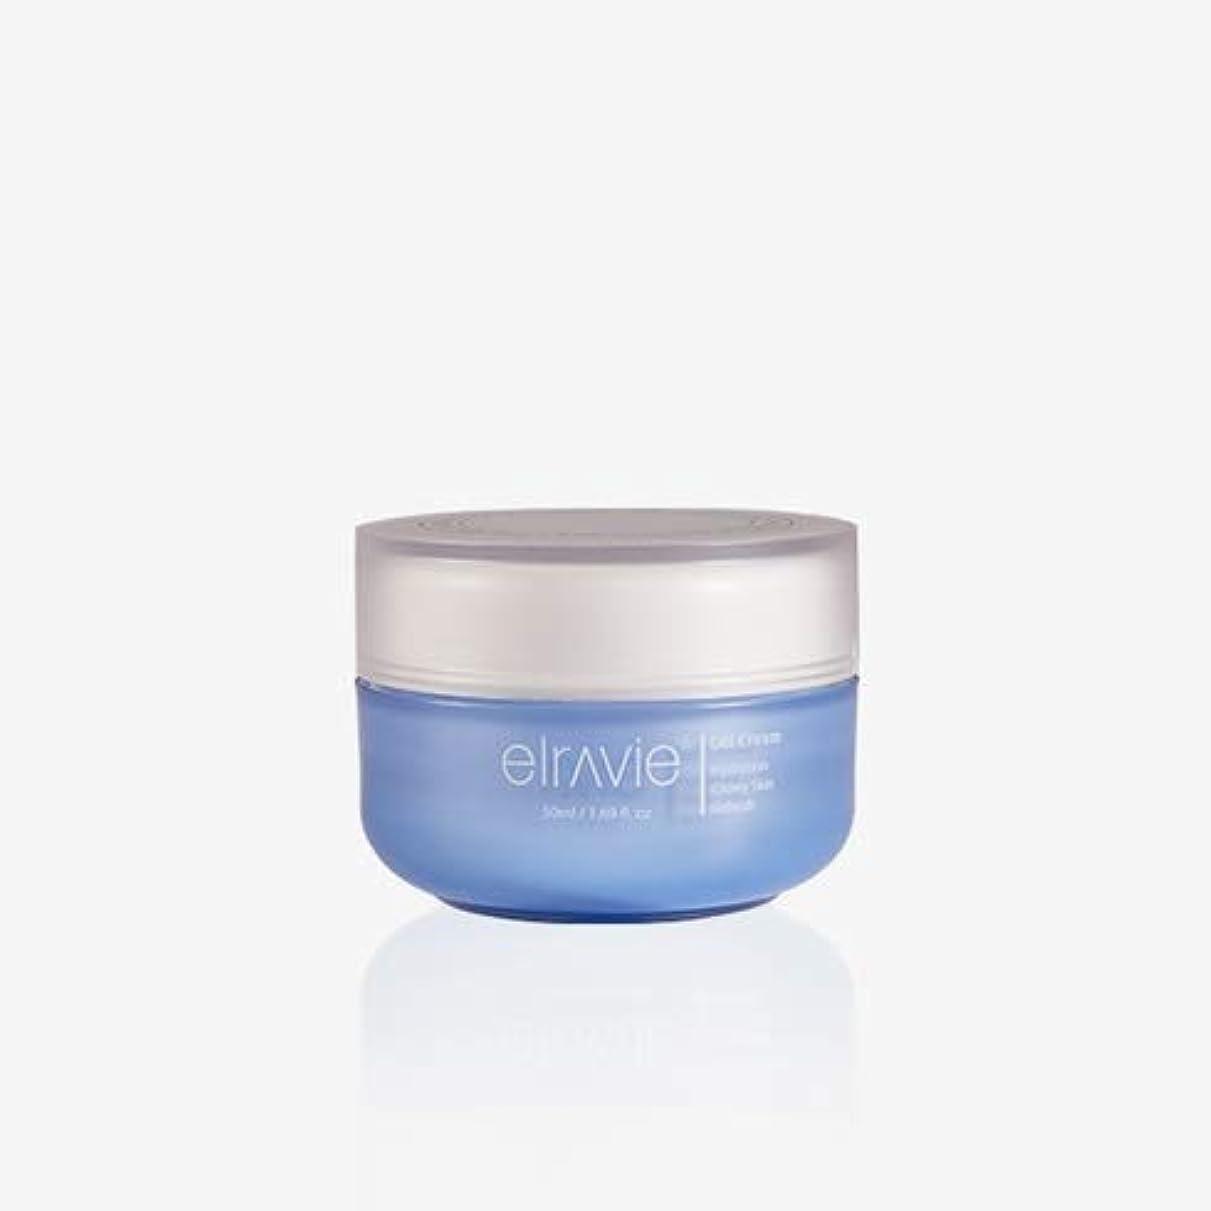 消費するがっかりした確かなエラヴィー[Elravie] ダーマハイドロエクステンデッドハイジェルクリーム50ml / Derma Hydro Extended Hyal Gel Cream